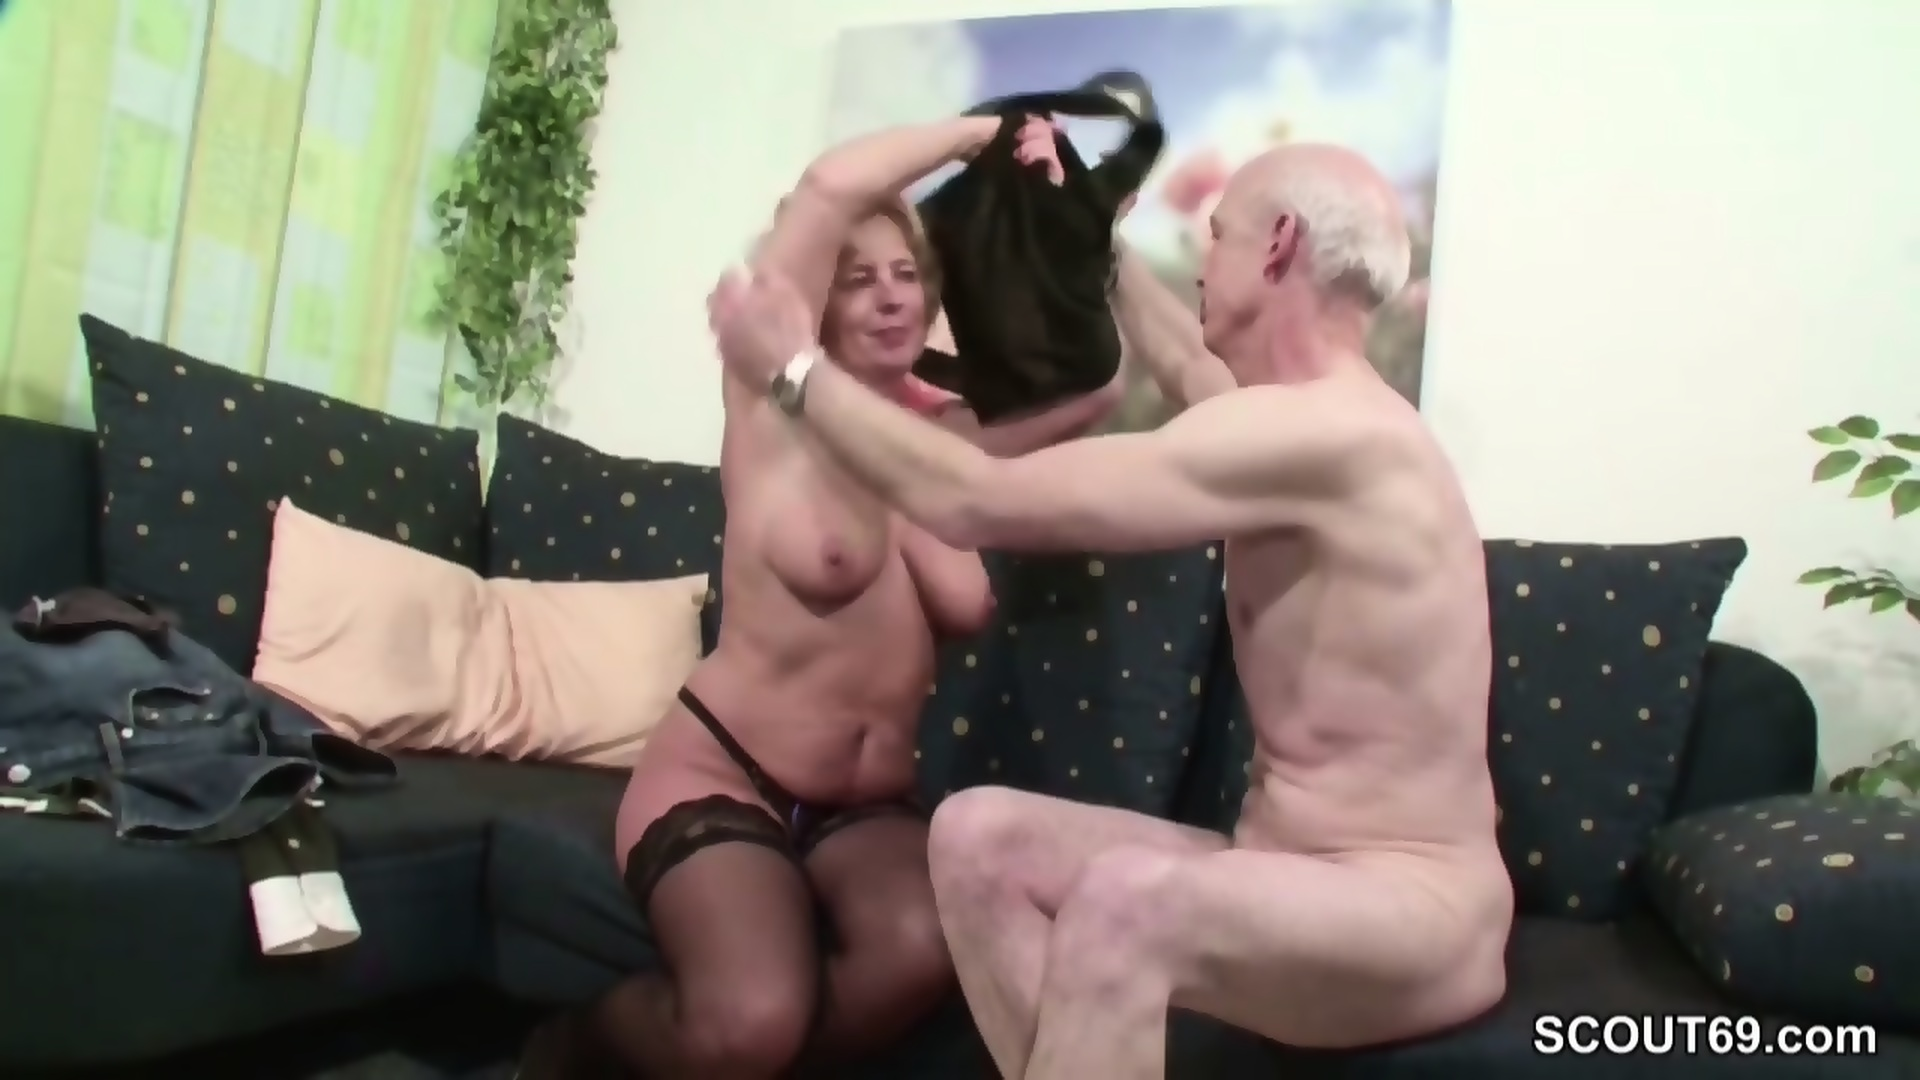 Melbourne cbd nude massage